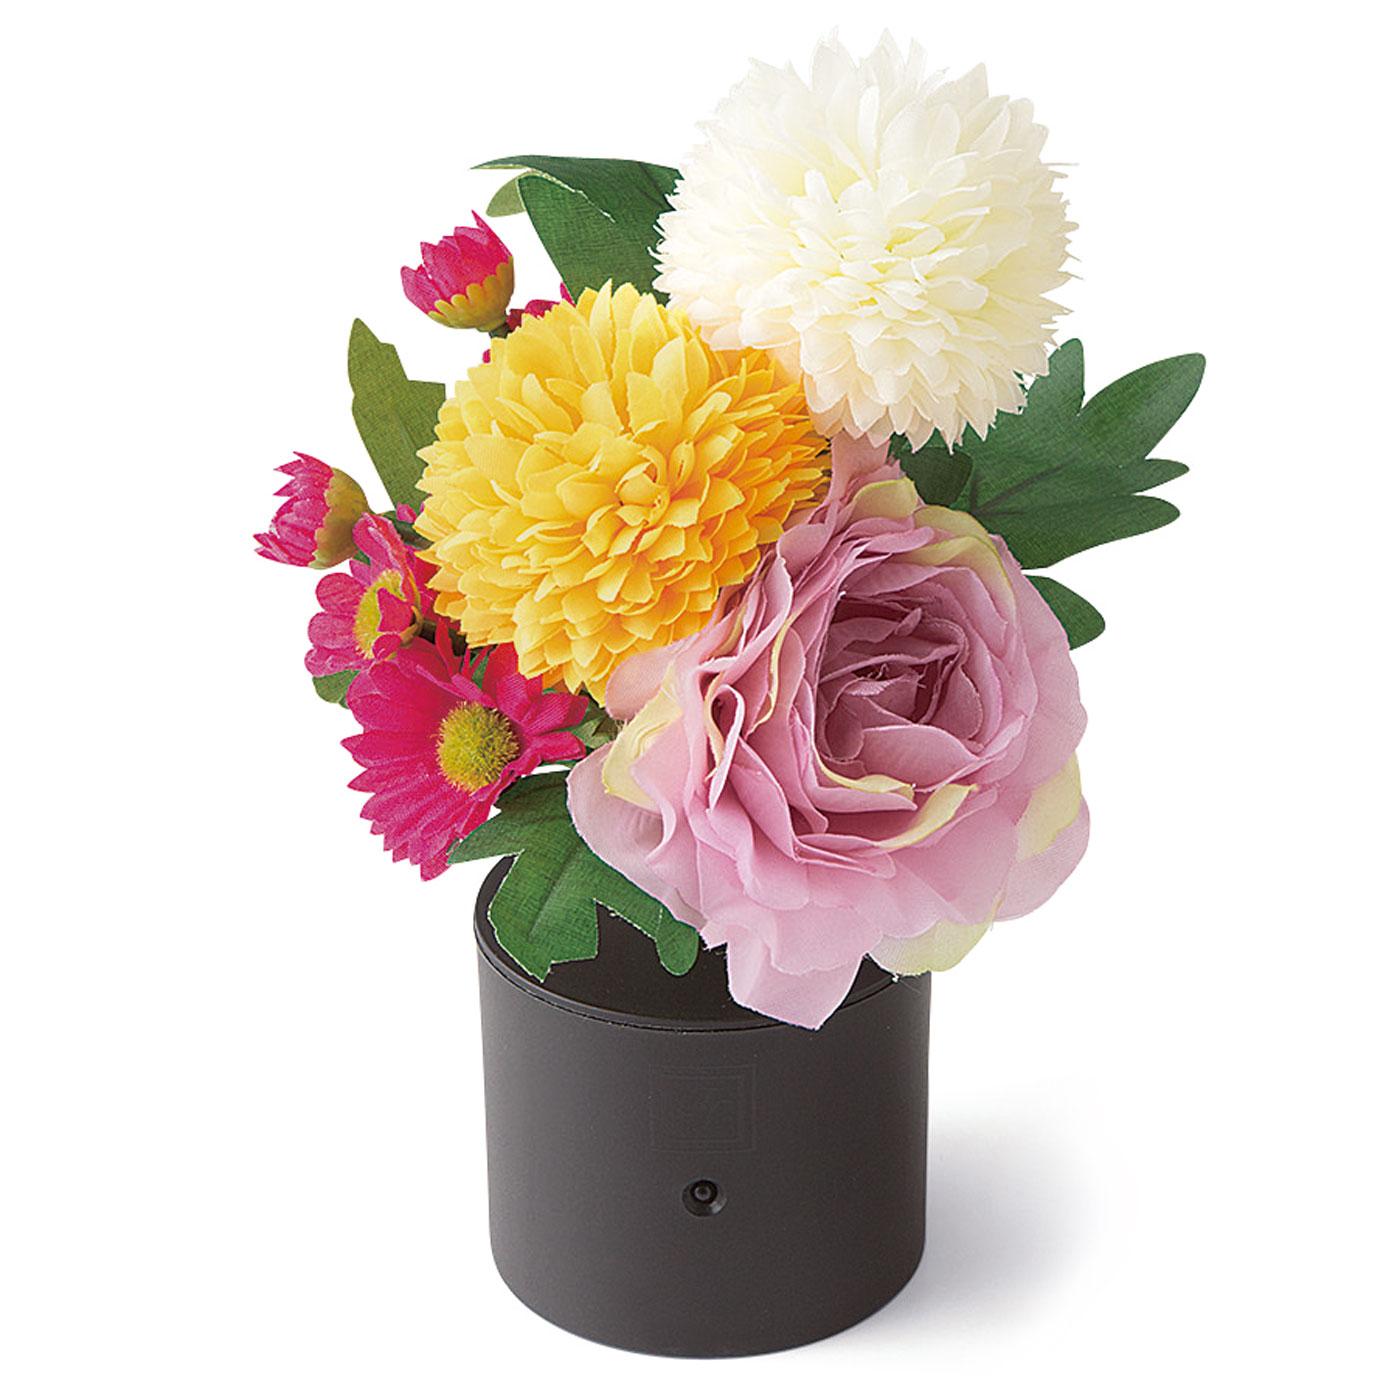 〈モーブ〉 お手入れいらずの精巧なつくりの仏花アレンジメントです。